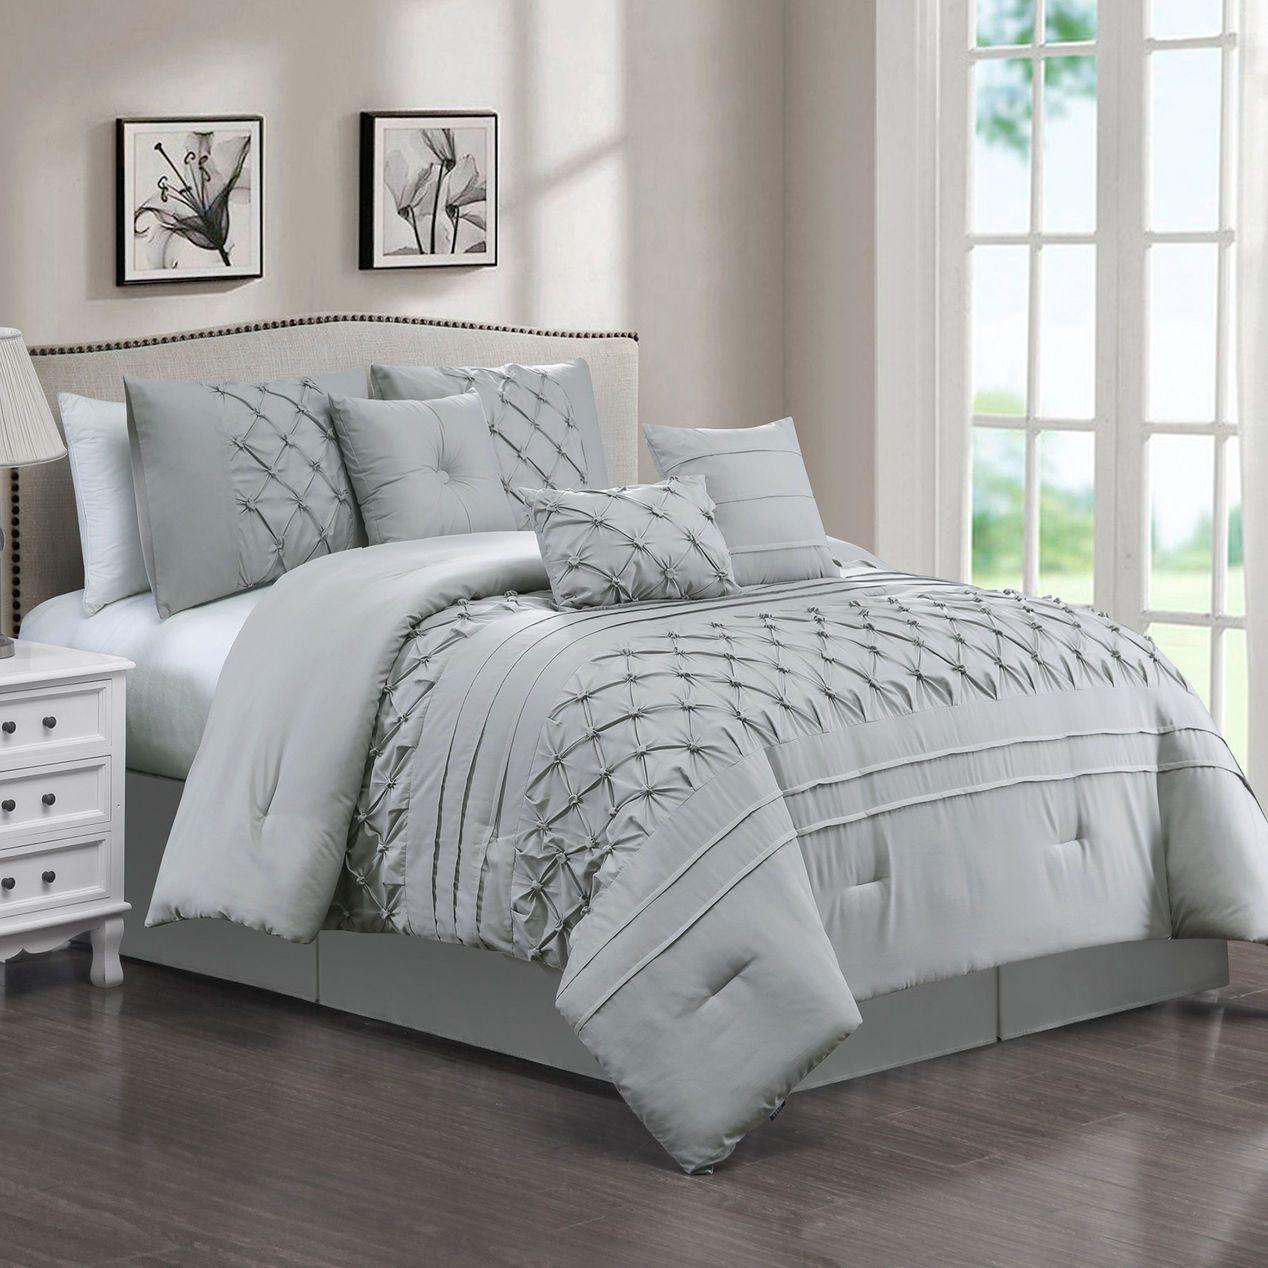 Pintuck Microfiber Light Grey Queen Comforter Set Queen Comforter Sets Comforter Sets Queen Comforter